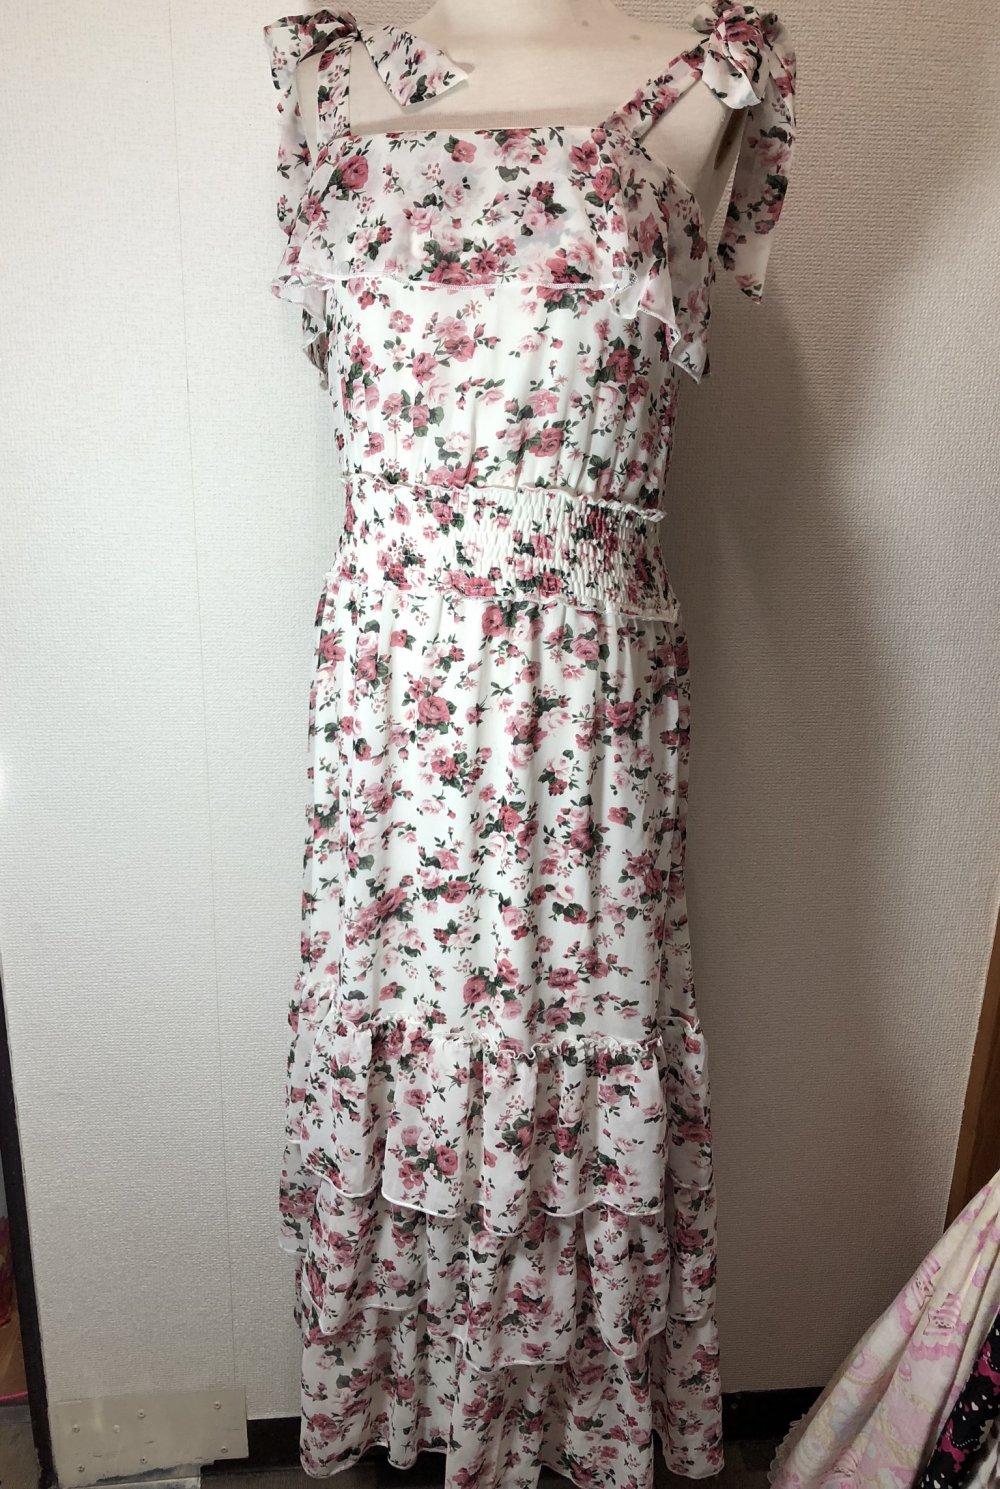 rosen chiffon rüschen maxi kleid in weiß x rot, schleifen, japan, gyaru,  sommer, blumen, lang